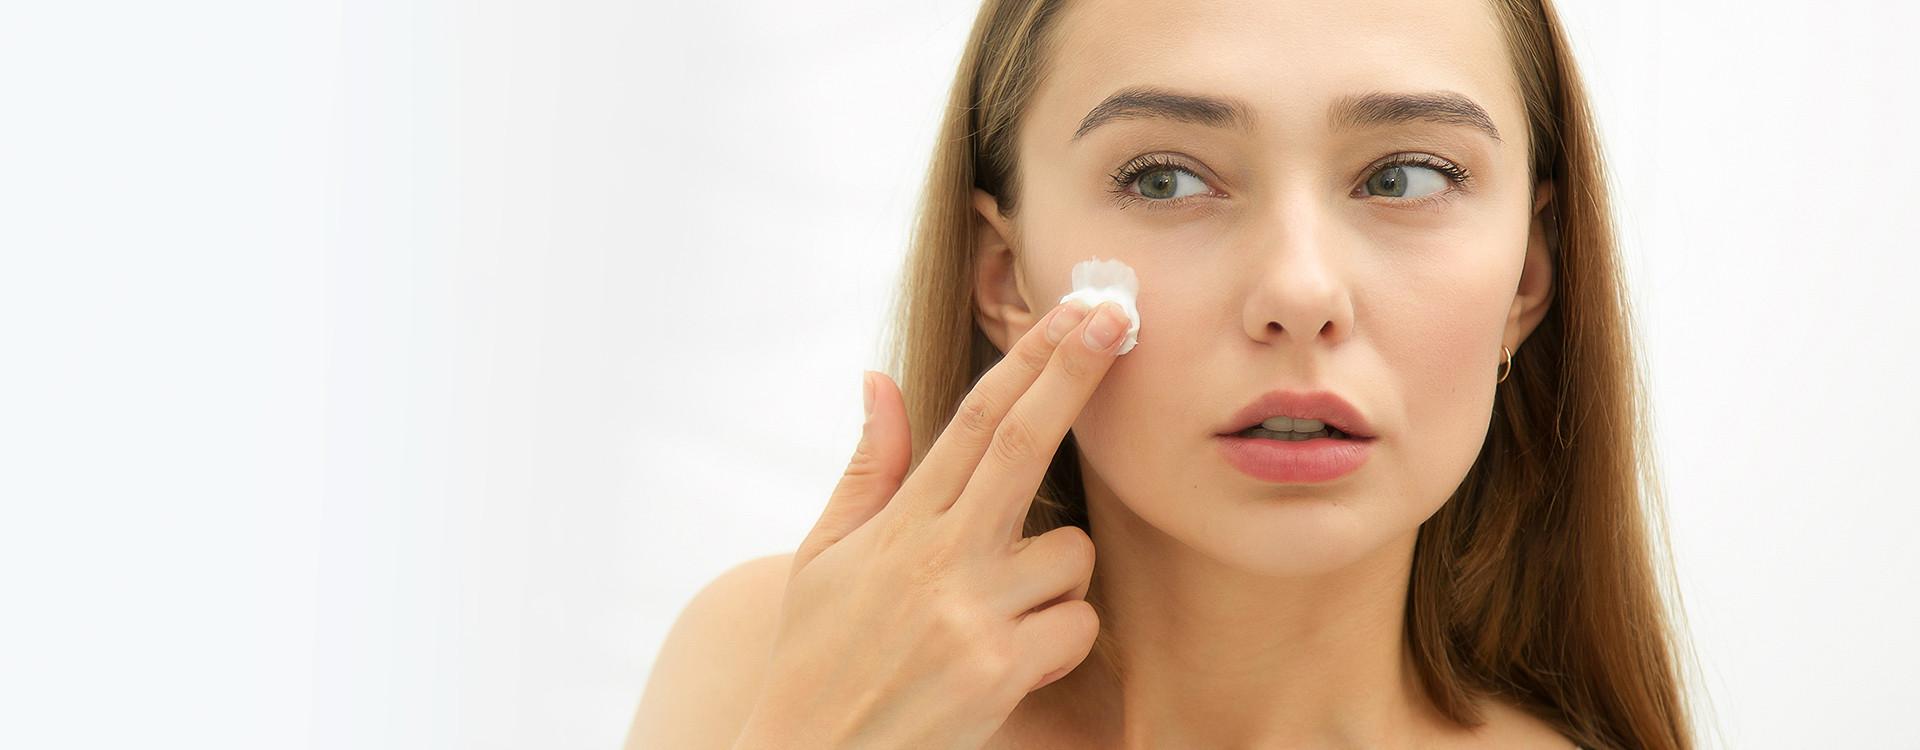 Pielęgnacja cery mieszanej: kremy, makijaż i nawilżanie